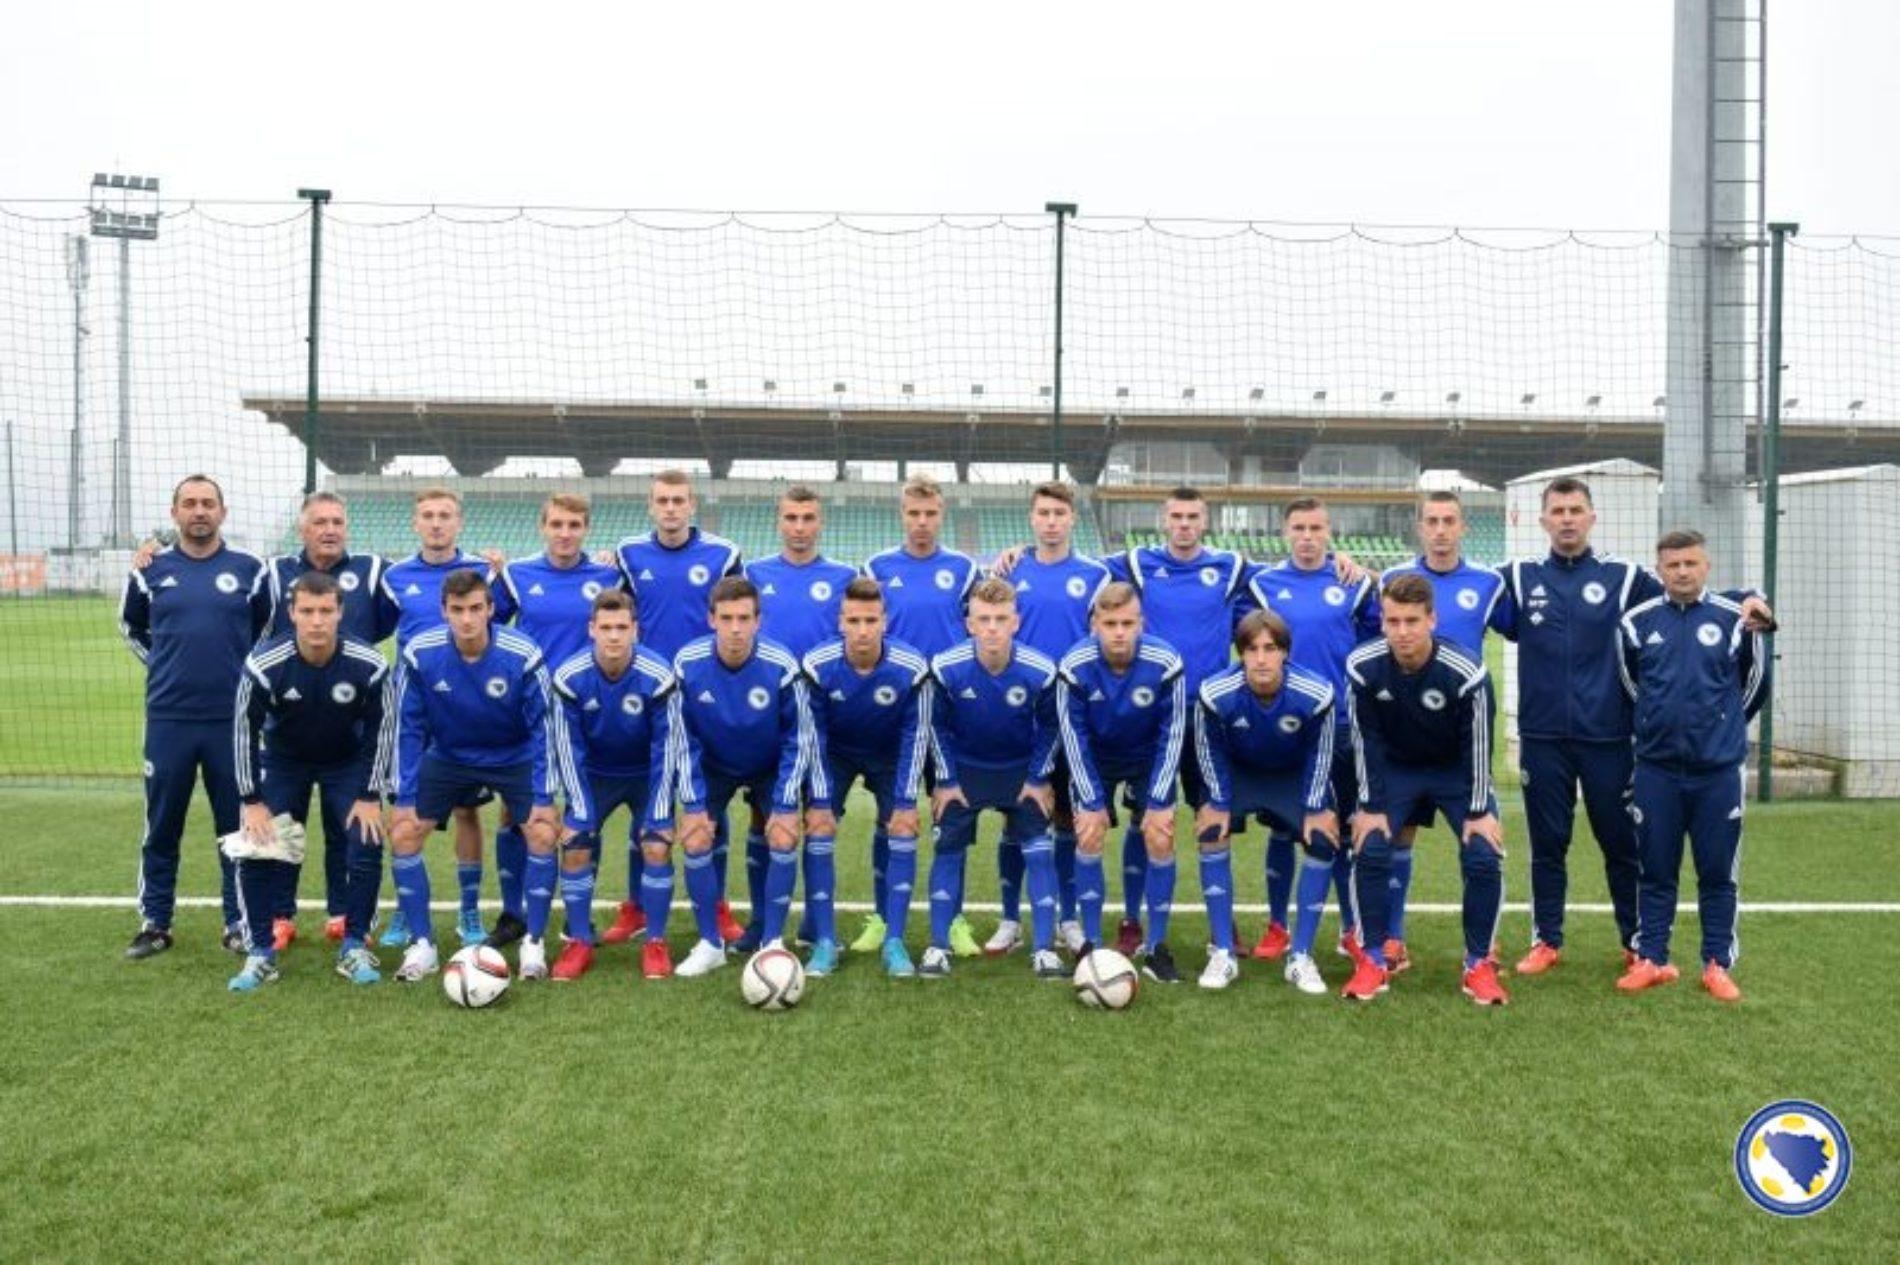 Juniori pobjedom počeli kvalifikacije – 2:0 protiv Francuske